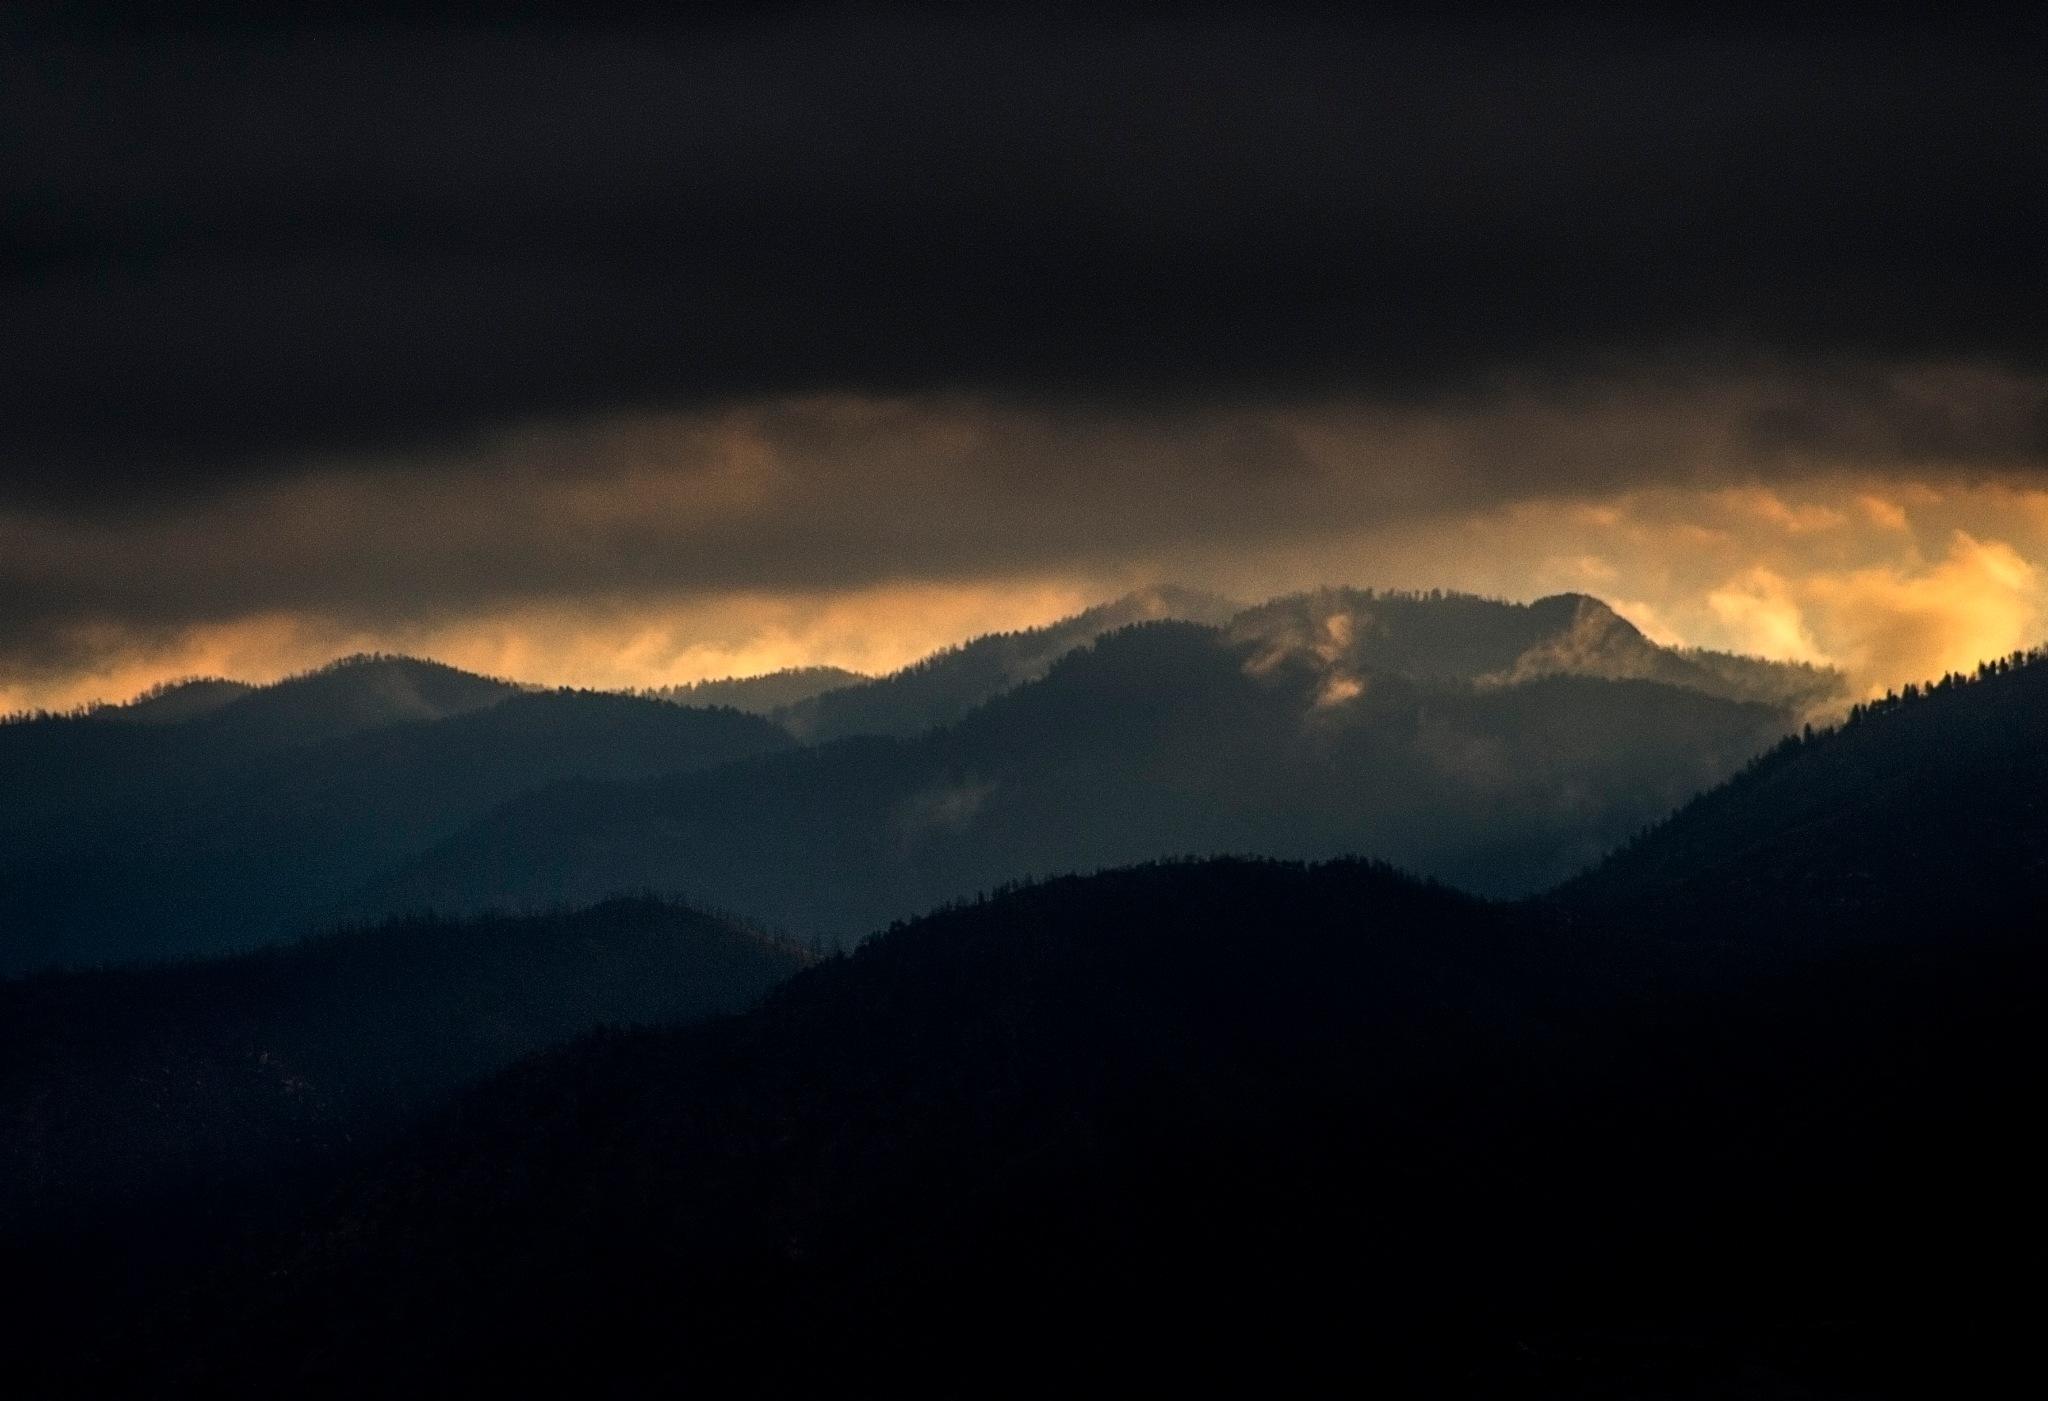 Mountain Storm by Ian Helmcke